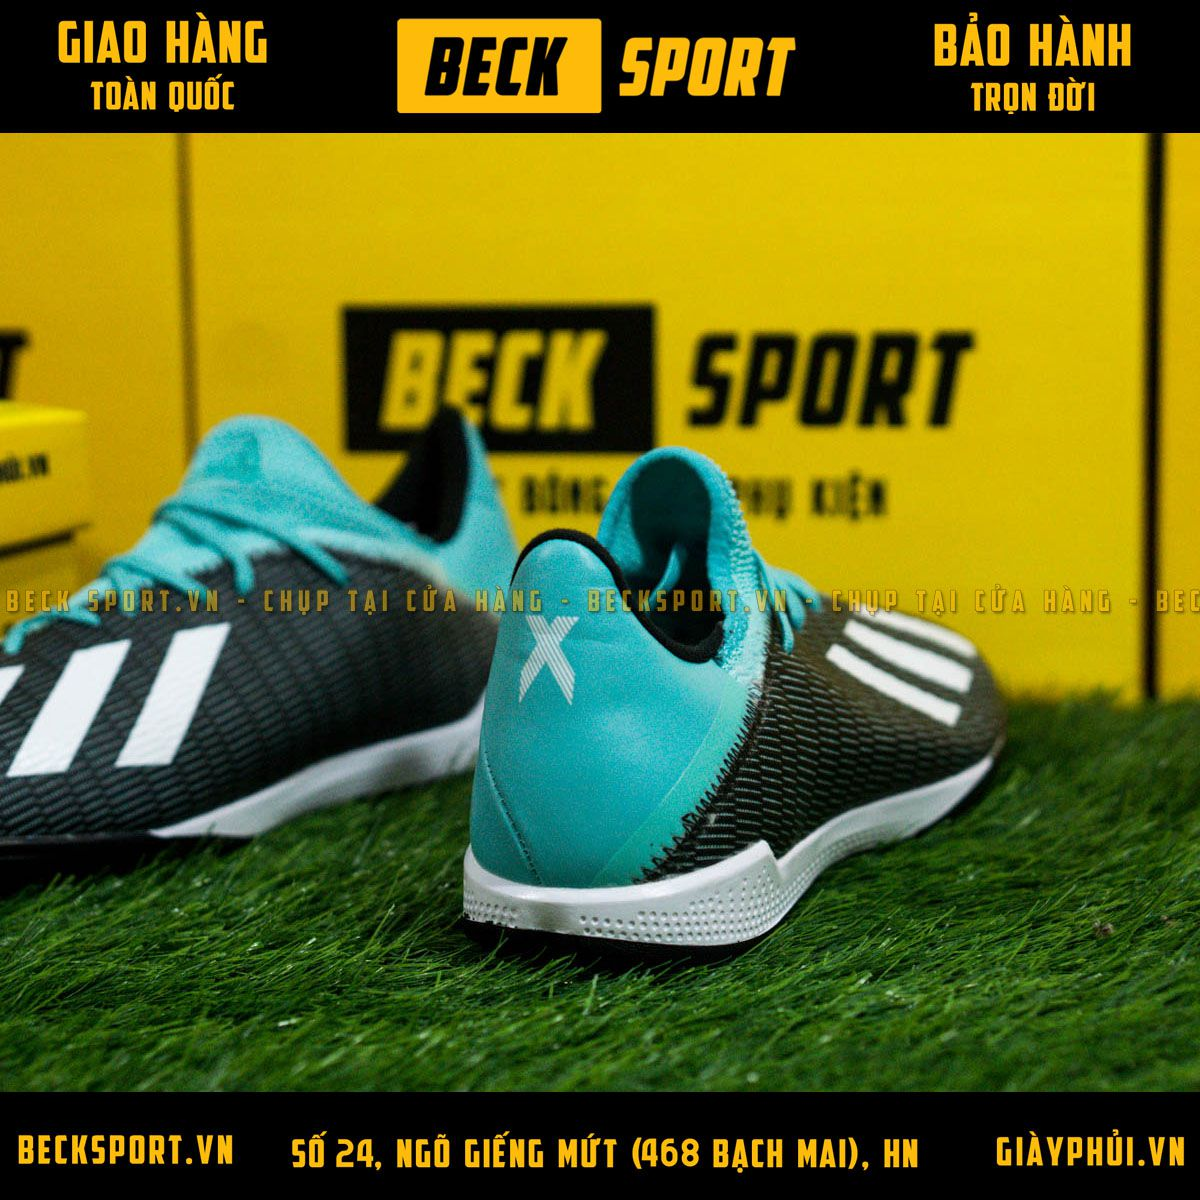 Giày Bóng Đá Adidas X 19.3 Đen Vạch Trắng Cổ Xanh TF